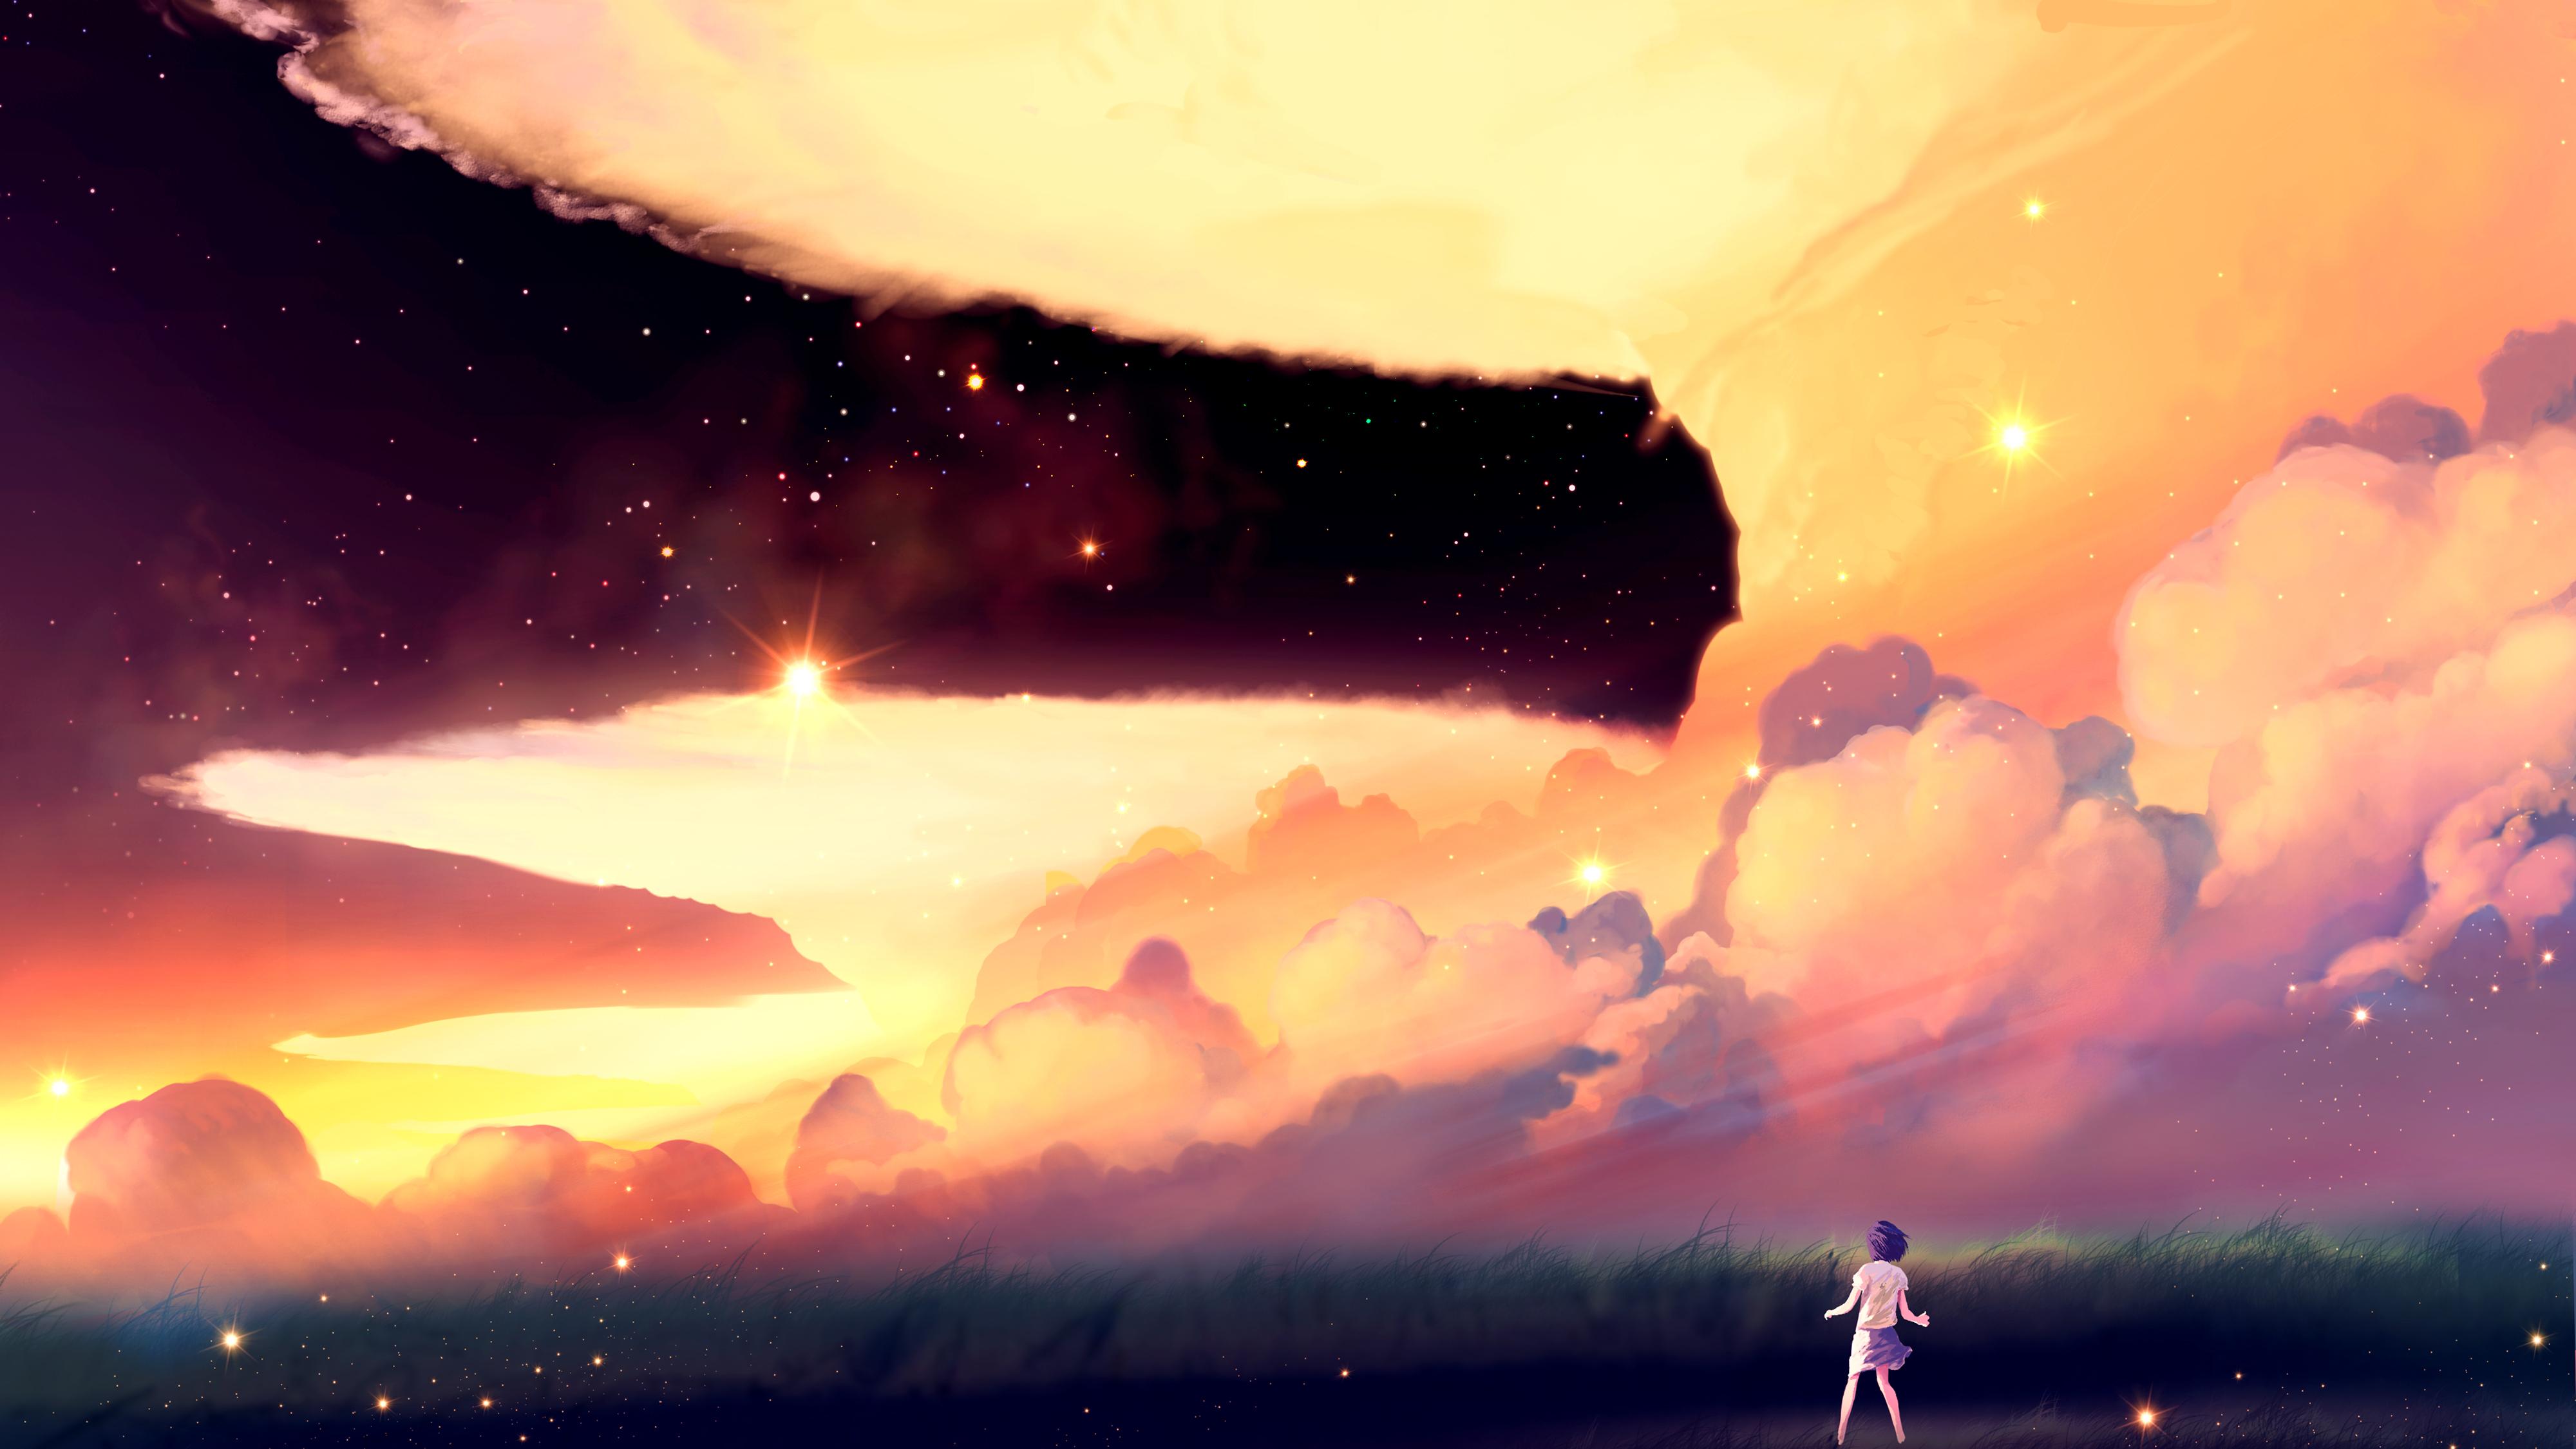 女孩 天空 星星 云彩 4K动漫壁纸插图